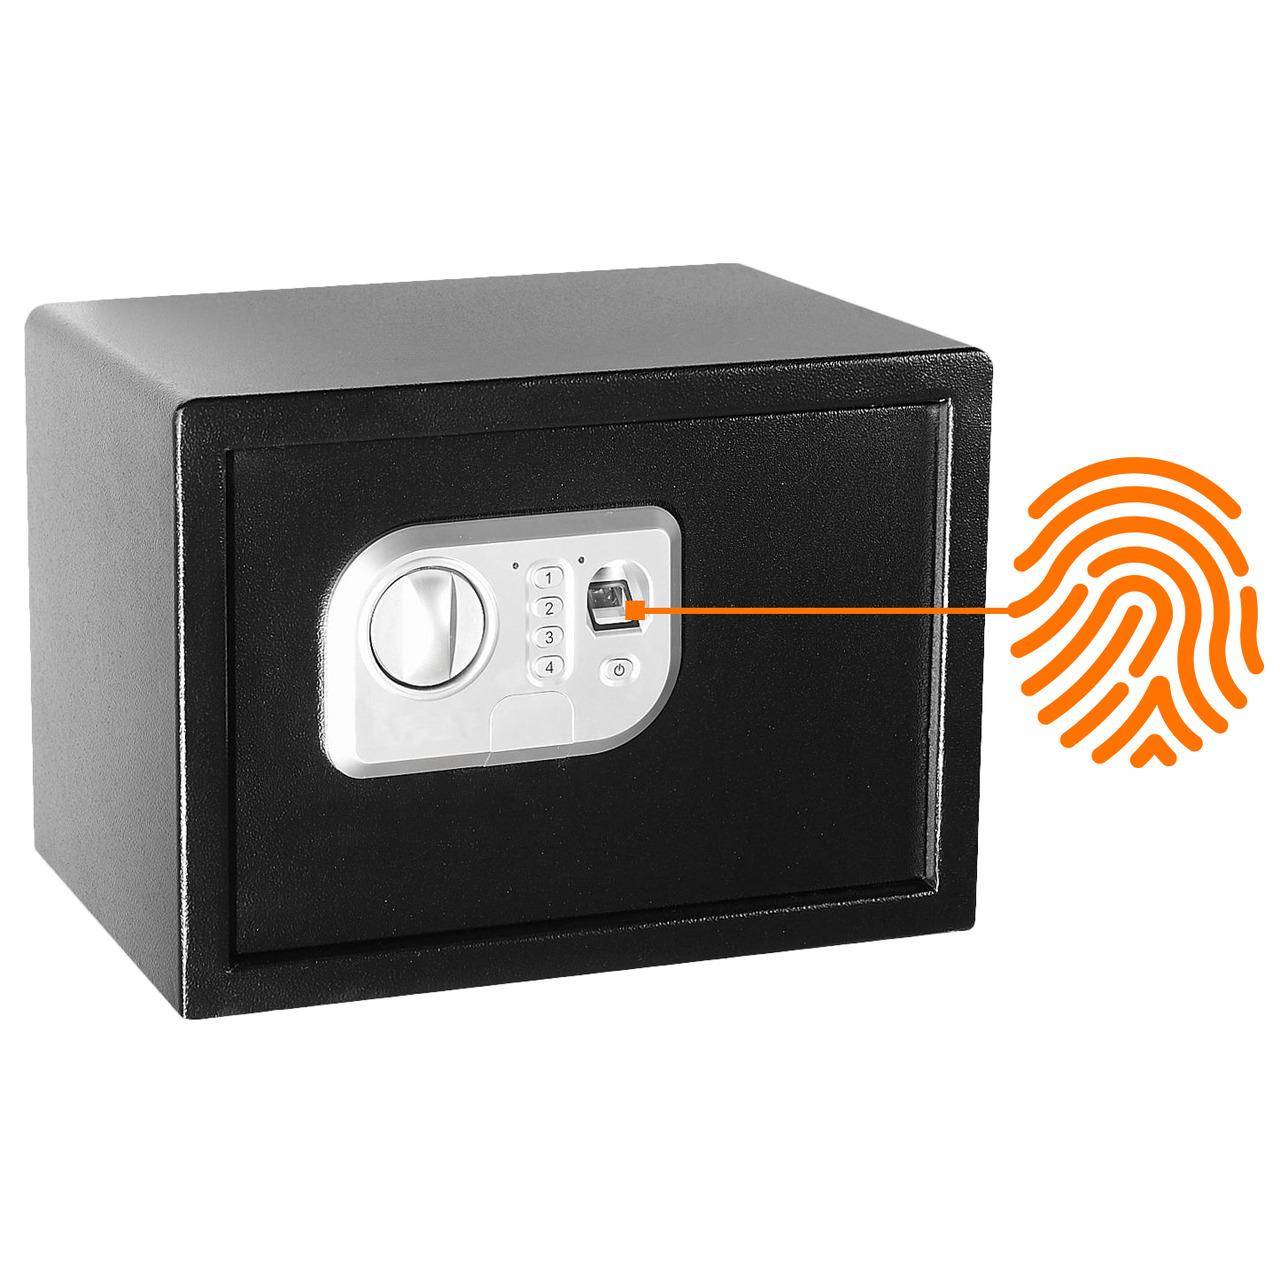 Megasat Fingerprint-Sicherheitstresor ST-25 FP- 16 l Volumen- mit Code-Eingabe und Notschlüssel